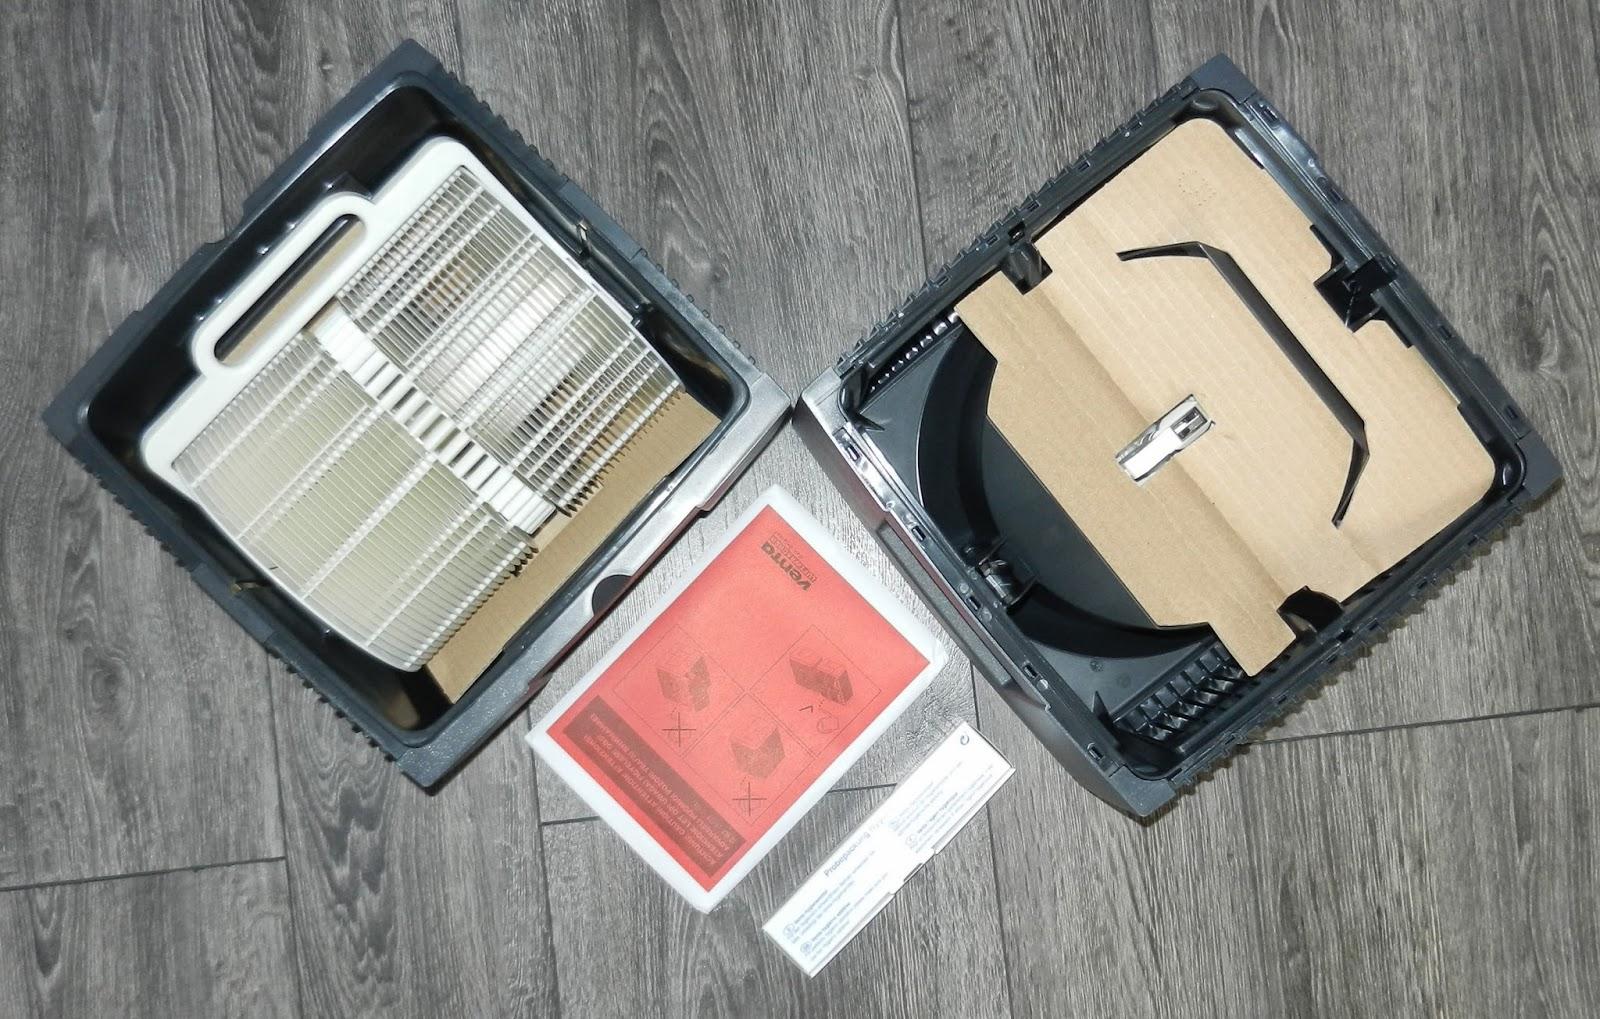 hauserische testfamilie venta luftw scher der. Black Bedroom Furniture Sets. Home Design Ideas